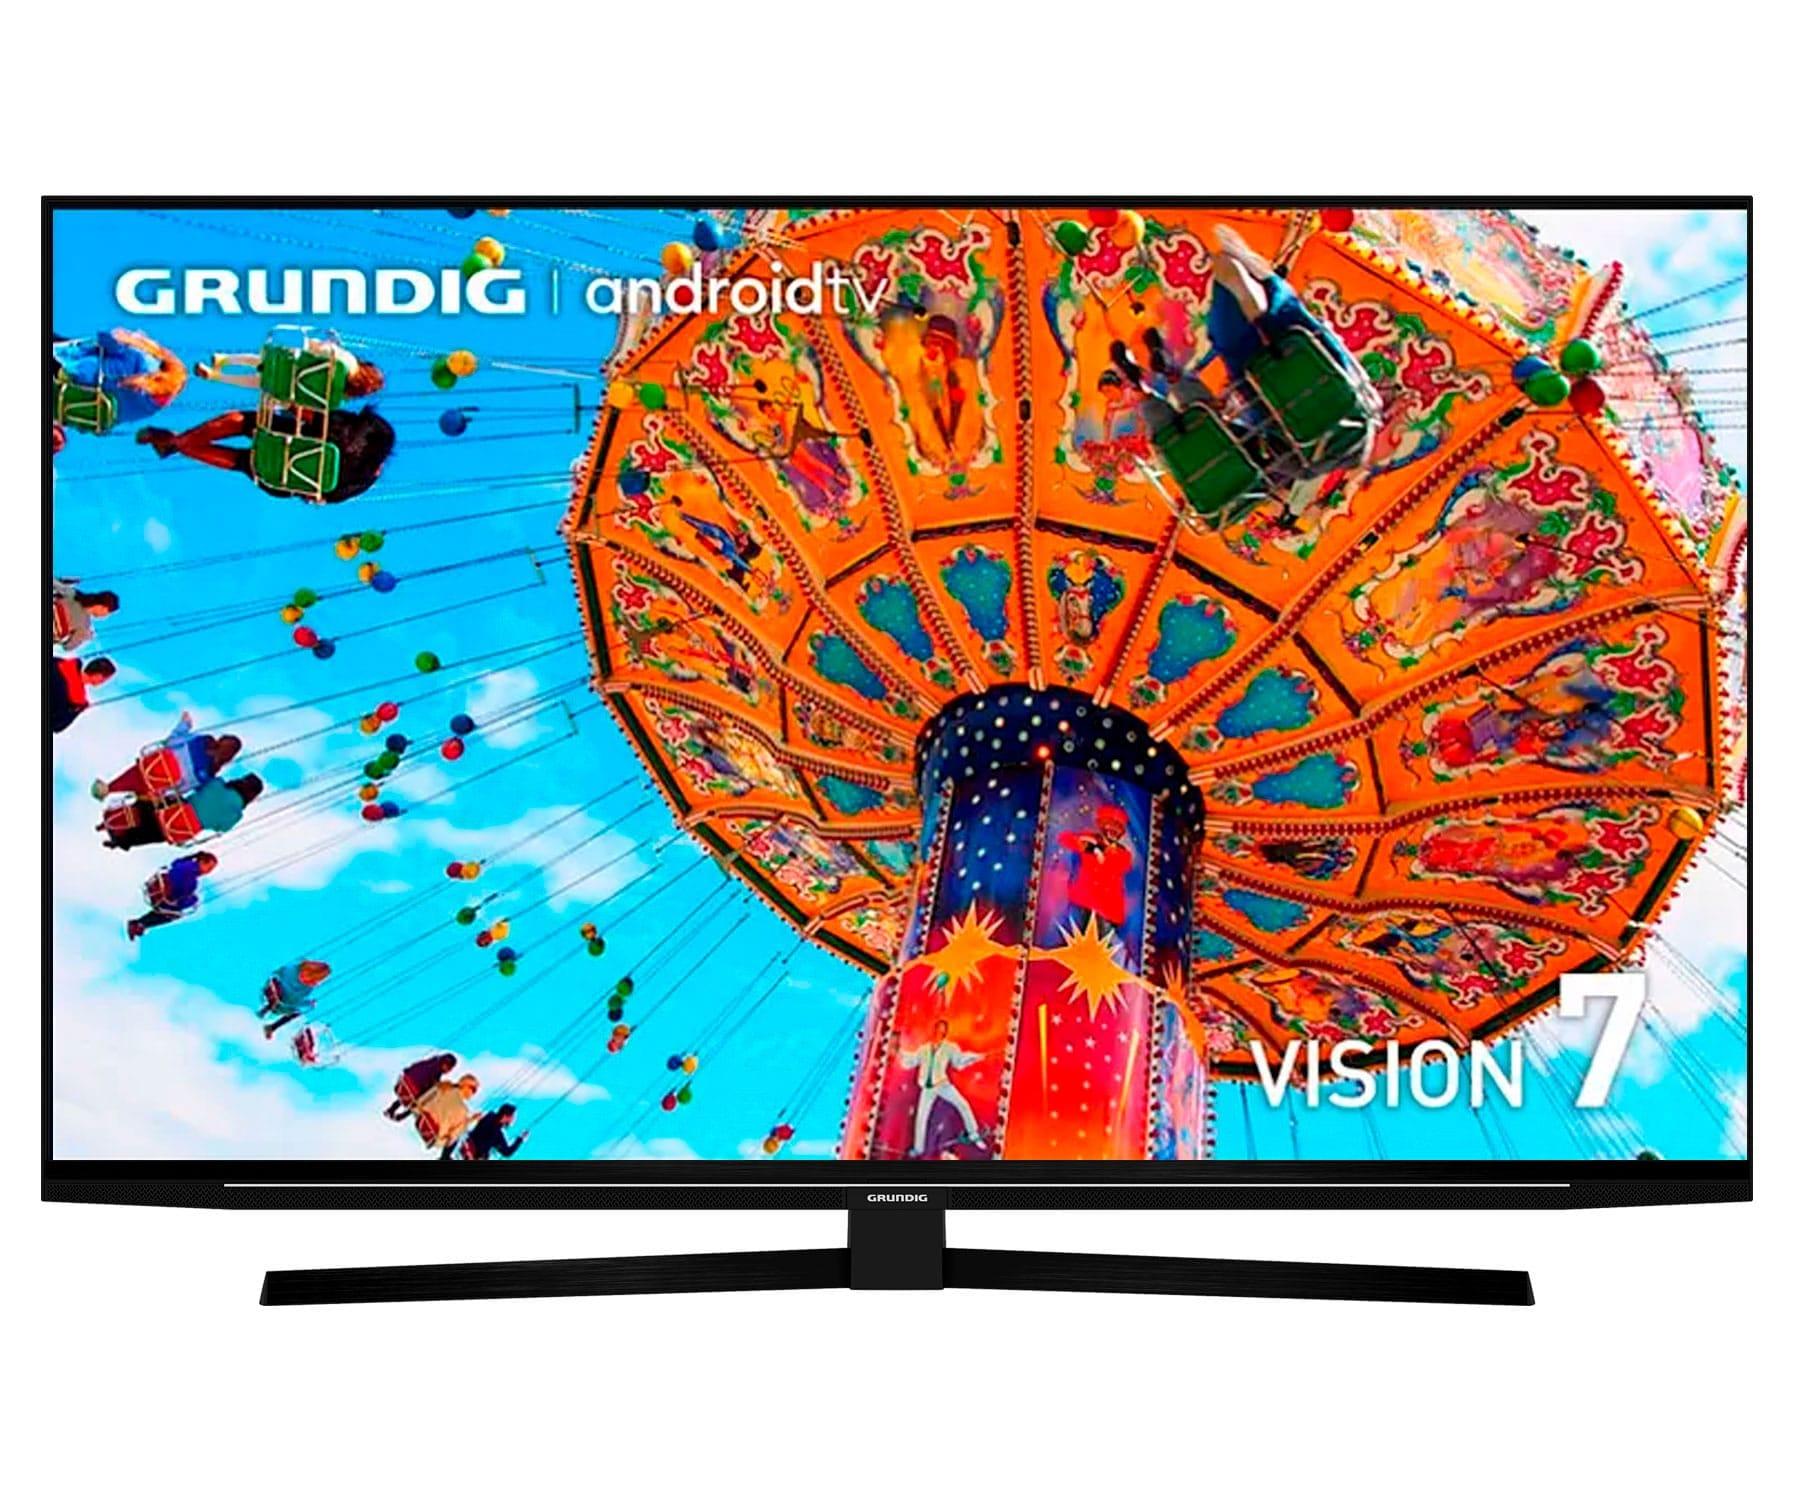 GRUNDIG 55GFU7990B TELEVISOR SMART TV 55'' UHD 4K HDR